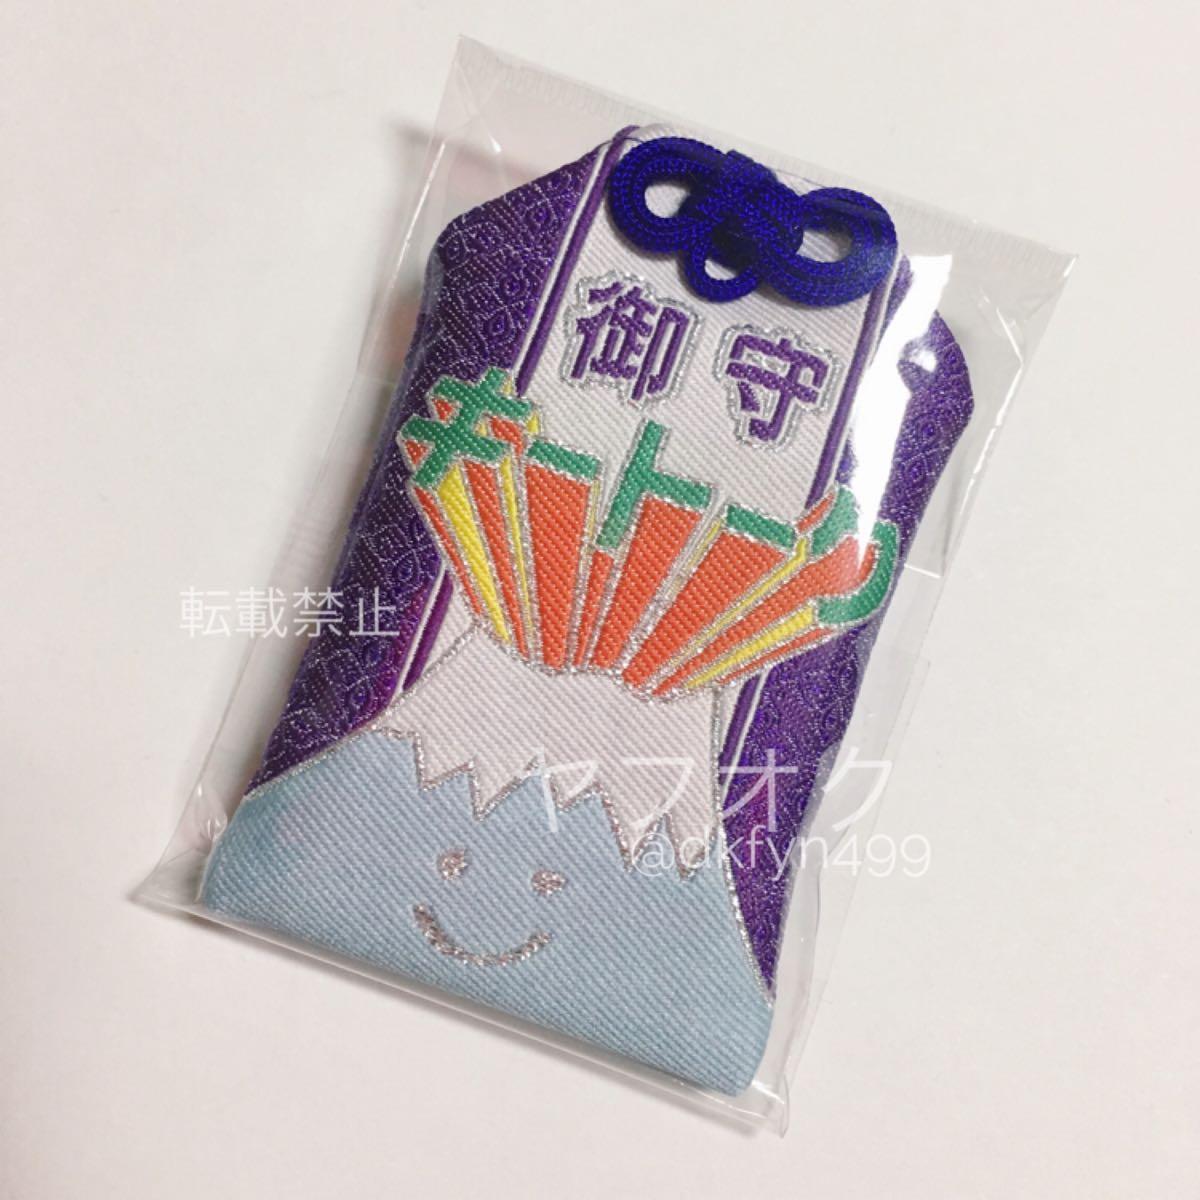 【新品未開封】KEYTALK 義勝 紫 お守り